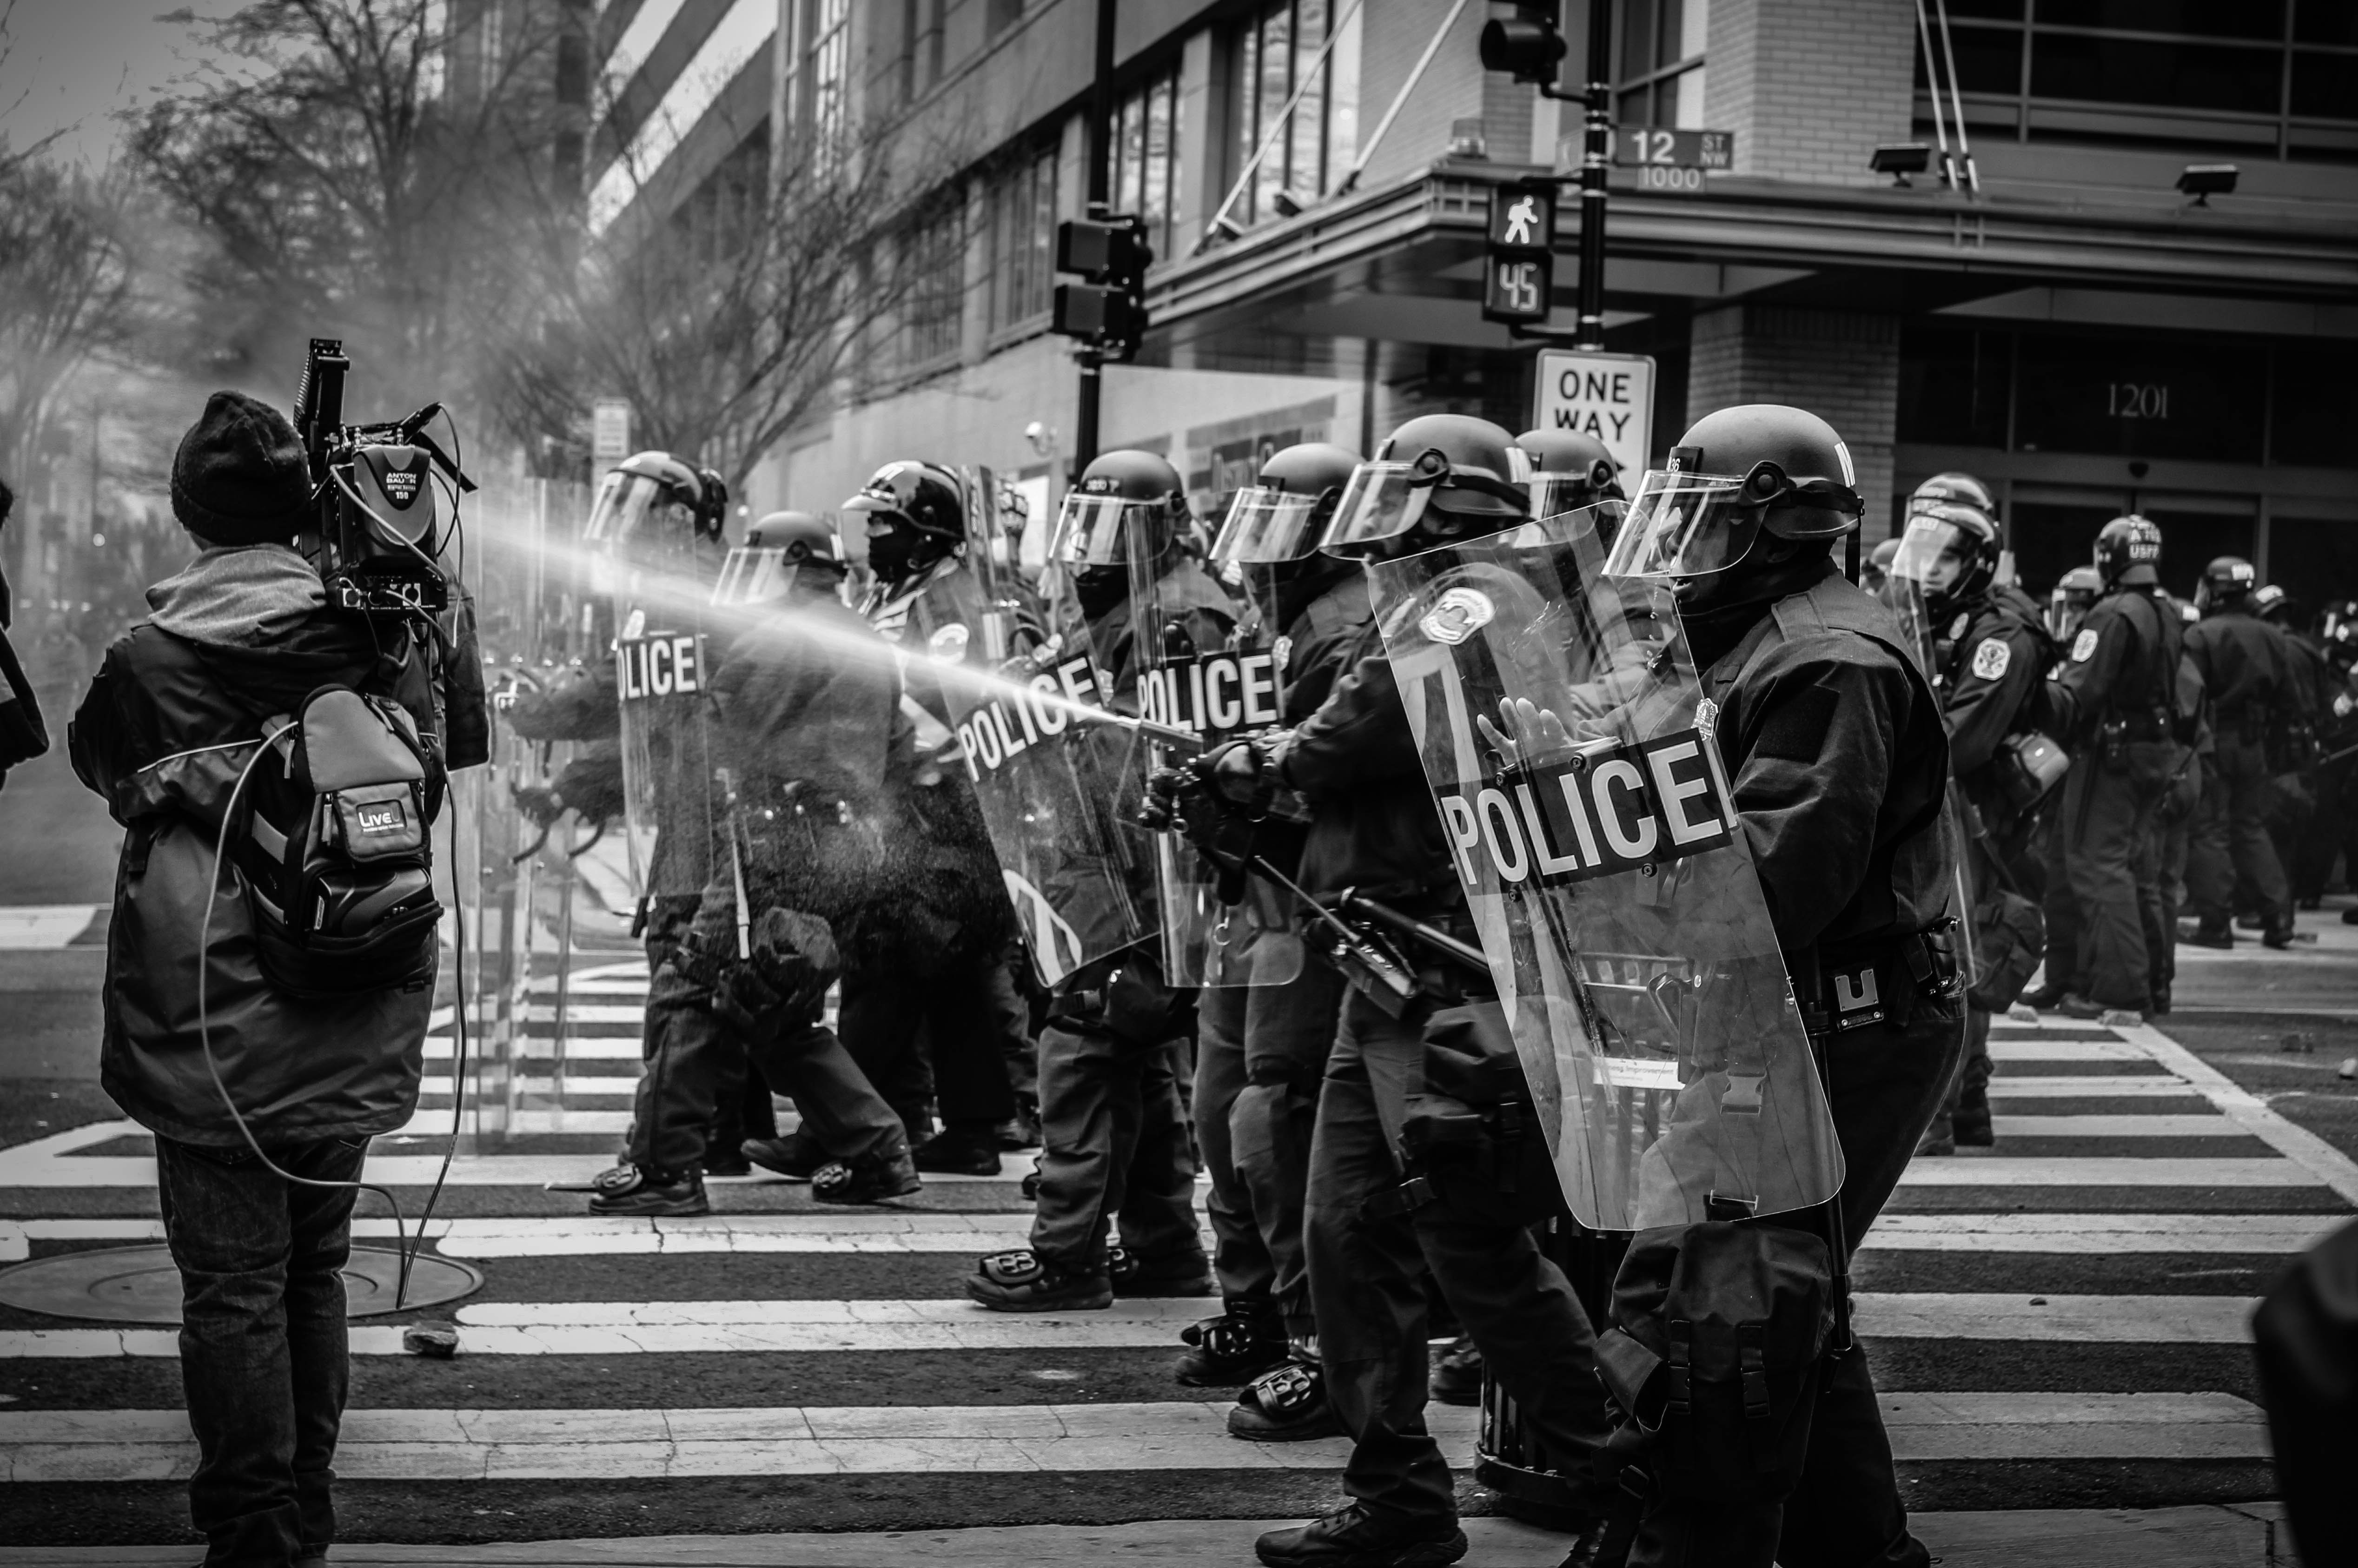 Press vs. Police